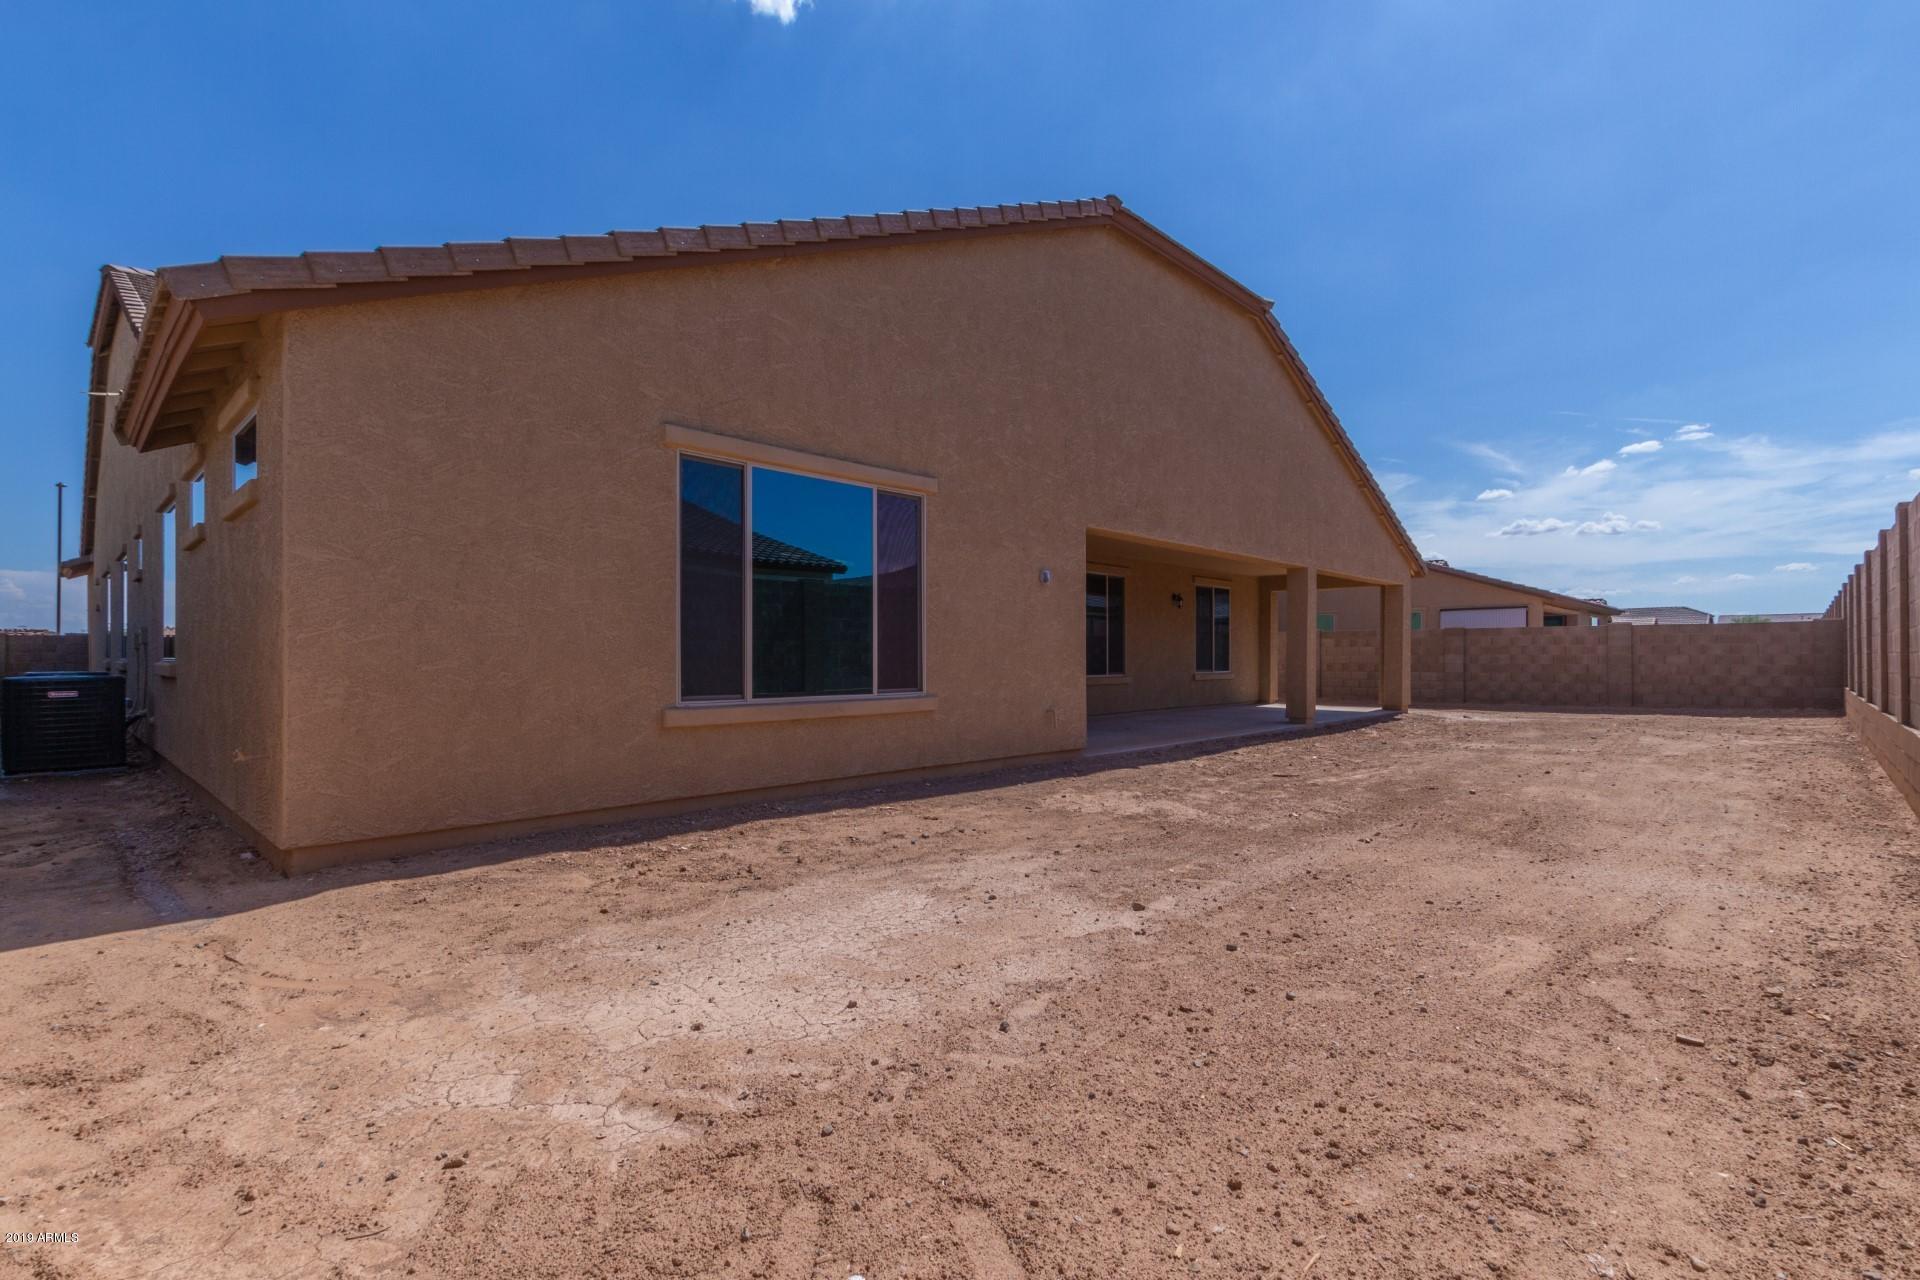 MLS 5955820 16866 W CIELO GRANDE Avenue, Surprise, AZ 85387 Surprise AZ Newly Built